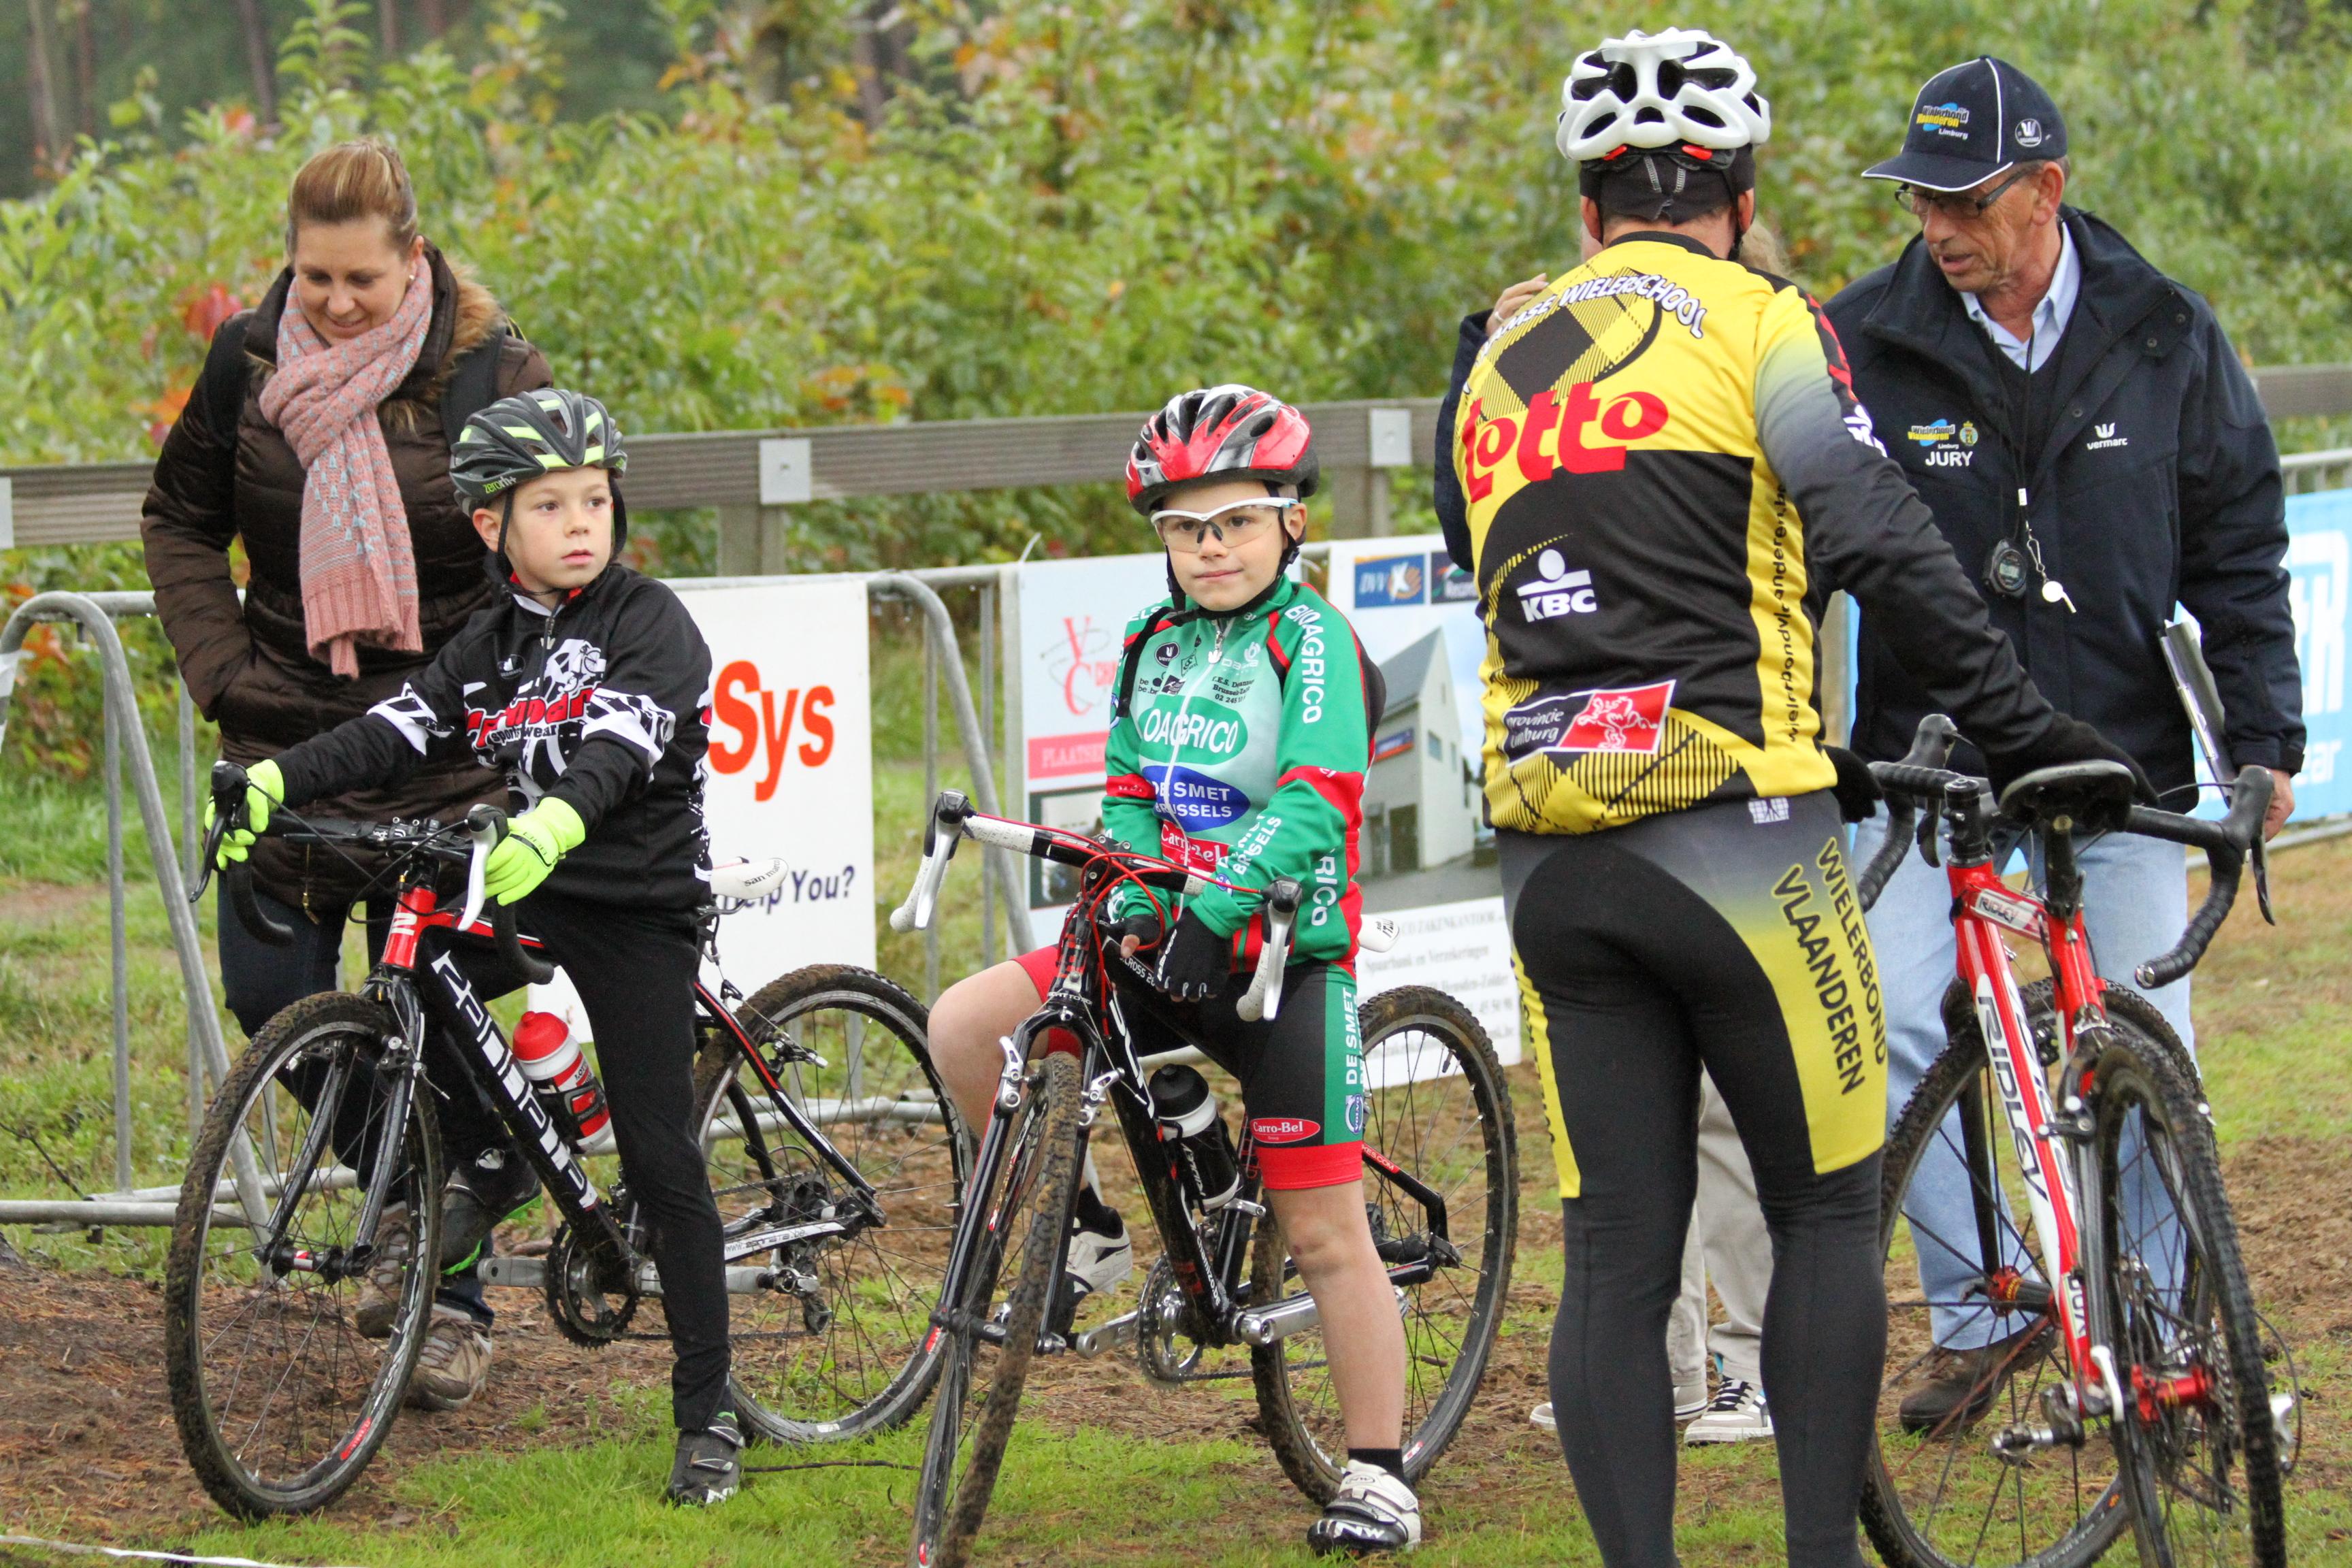 Kampioenschap van Vlaanderen – Aspiranten – 11 november 2015 LEOPOLDSBURG (LB)